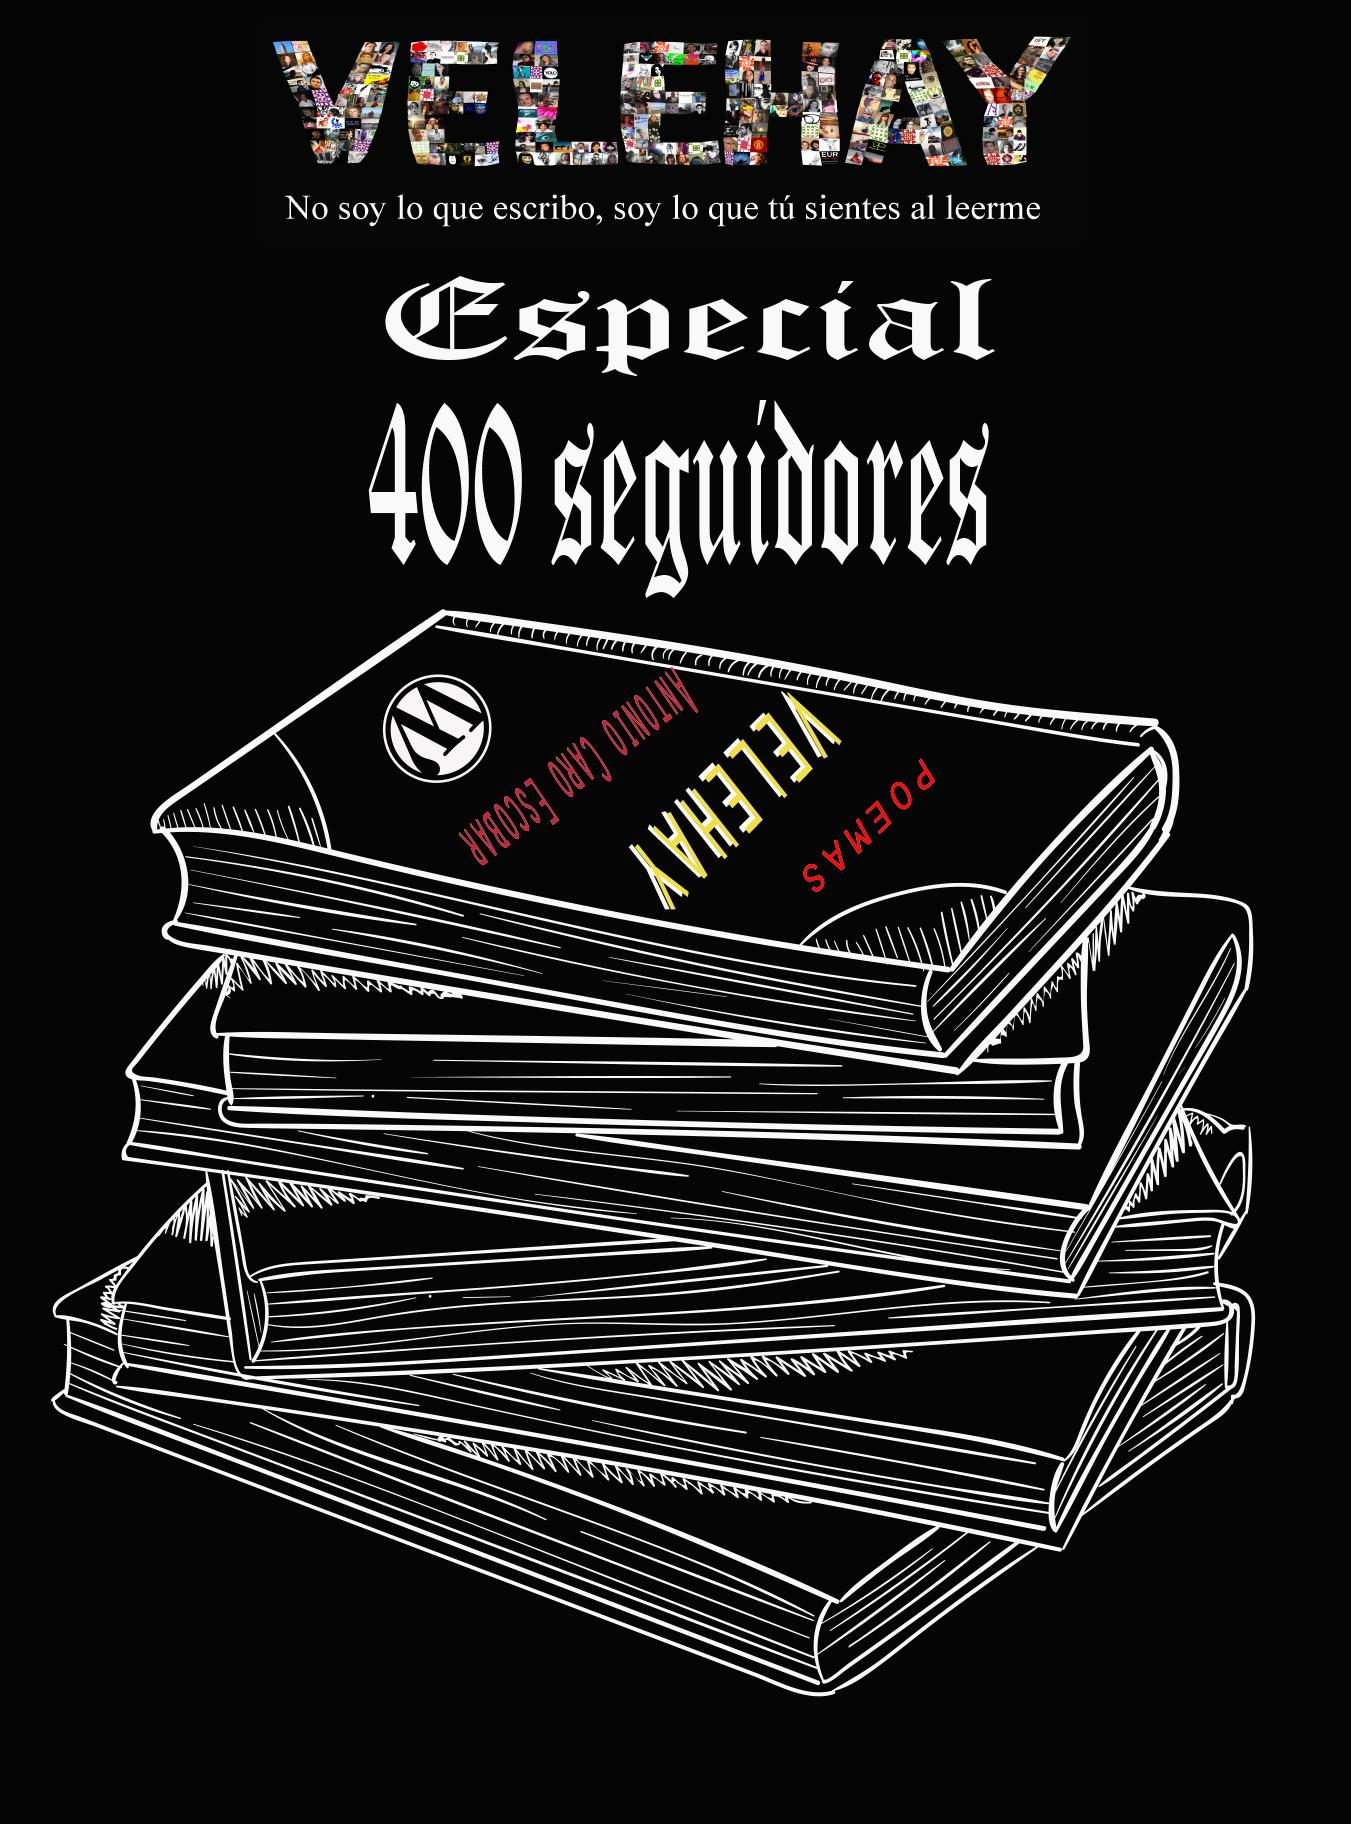 Especial 400